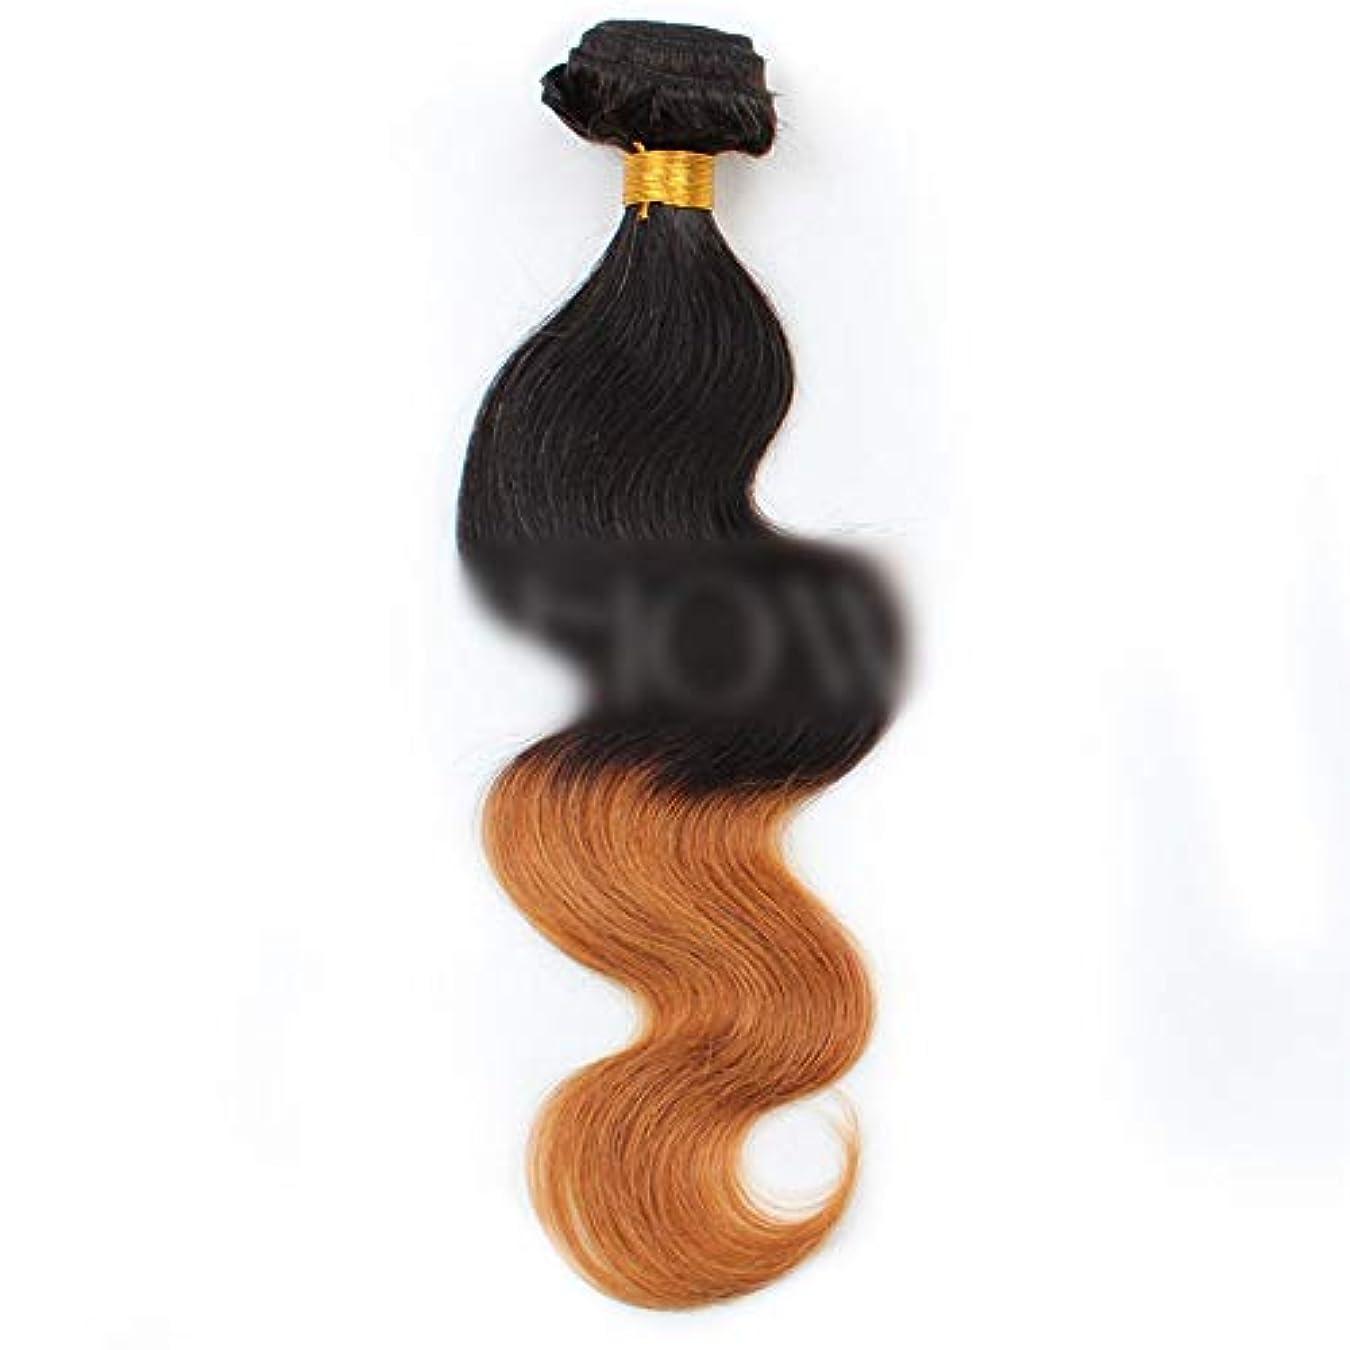 船員レース中国HOHYLLYA ブラジルの人間の髪の毛のボディ織り方ヘアエクステンション-1B / 30#黒から茶色へのグラデーショングラデーションカラー髪の織り方1バンドル、100g合成髪レースかつらロールプレイングかつら長くて短い...